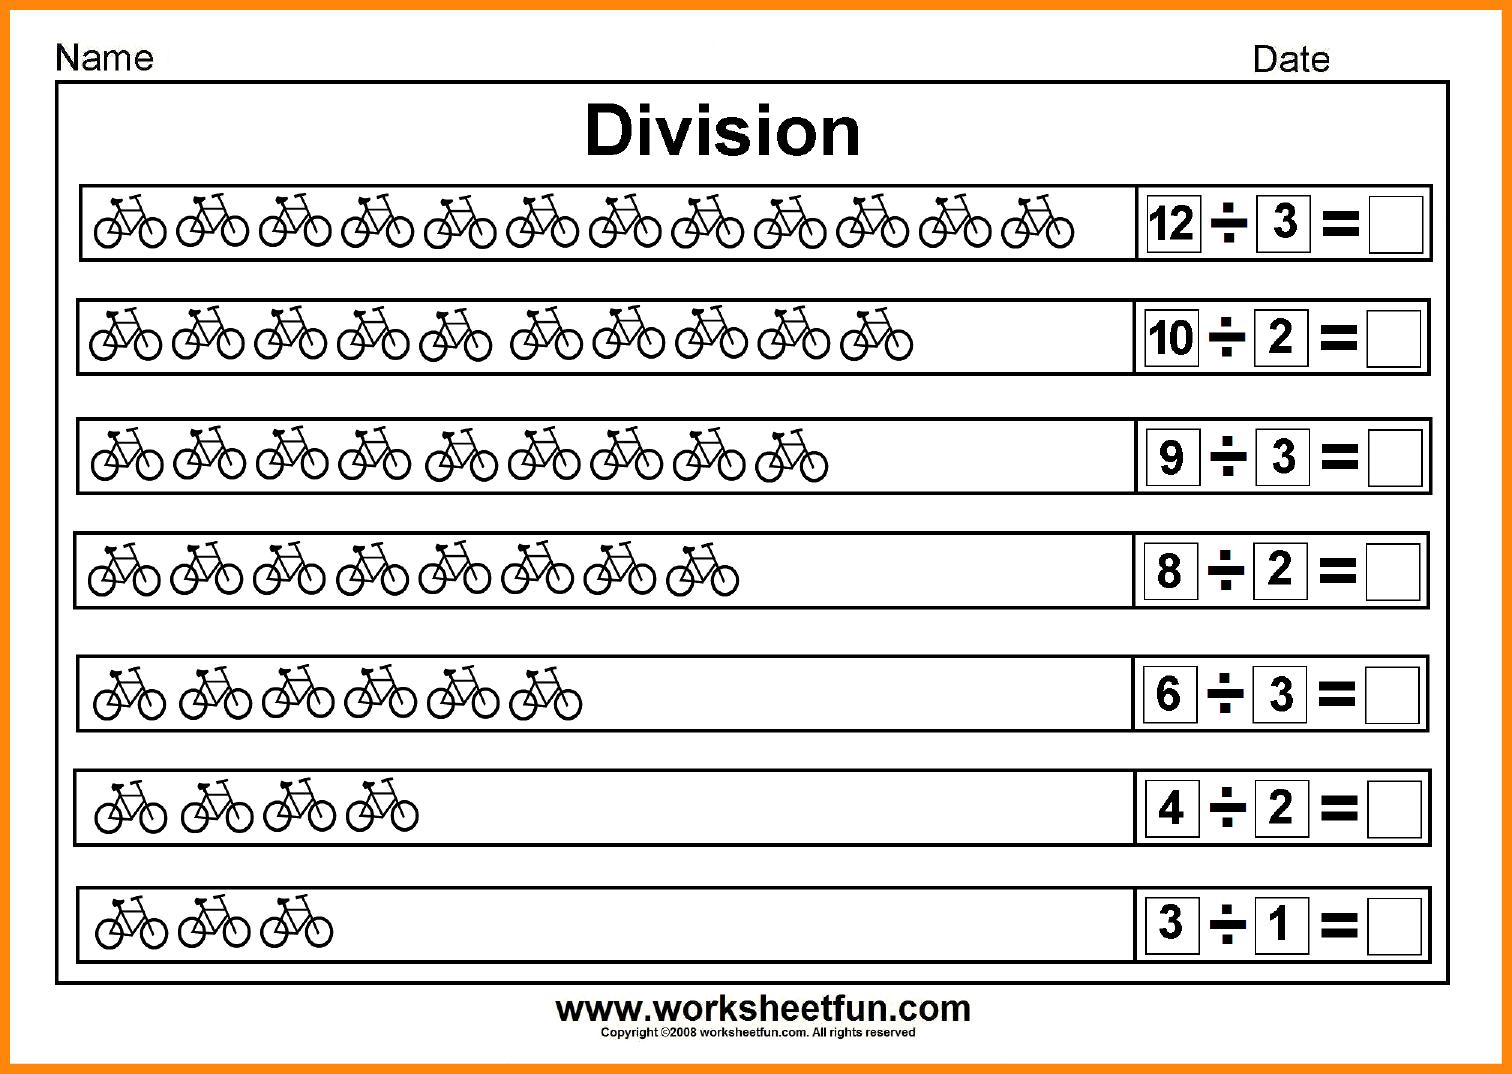 Beginner Division Worksheets